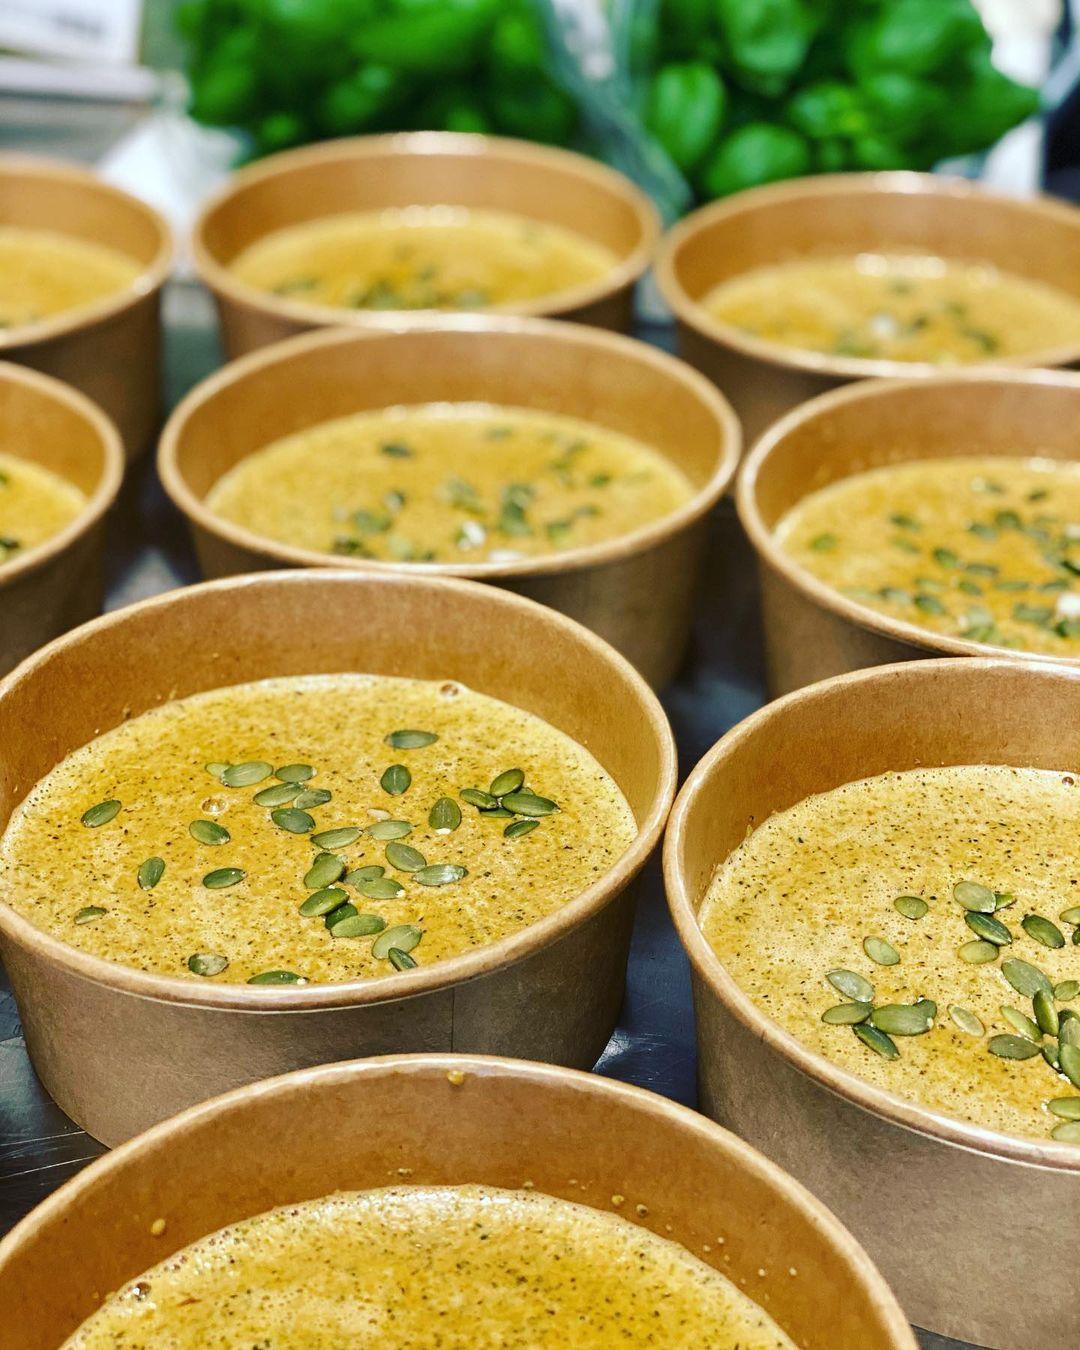 Skålar med gul soppa